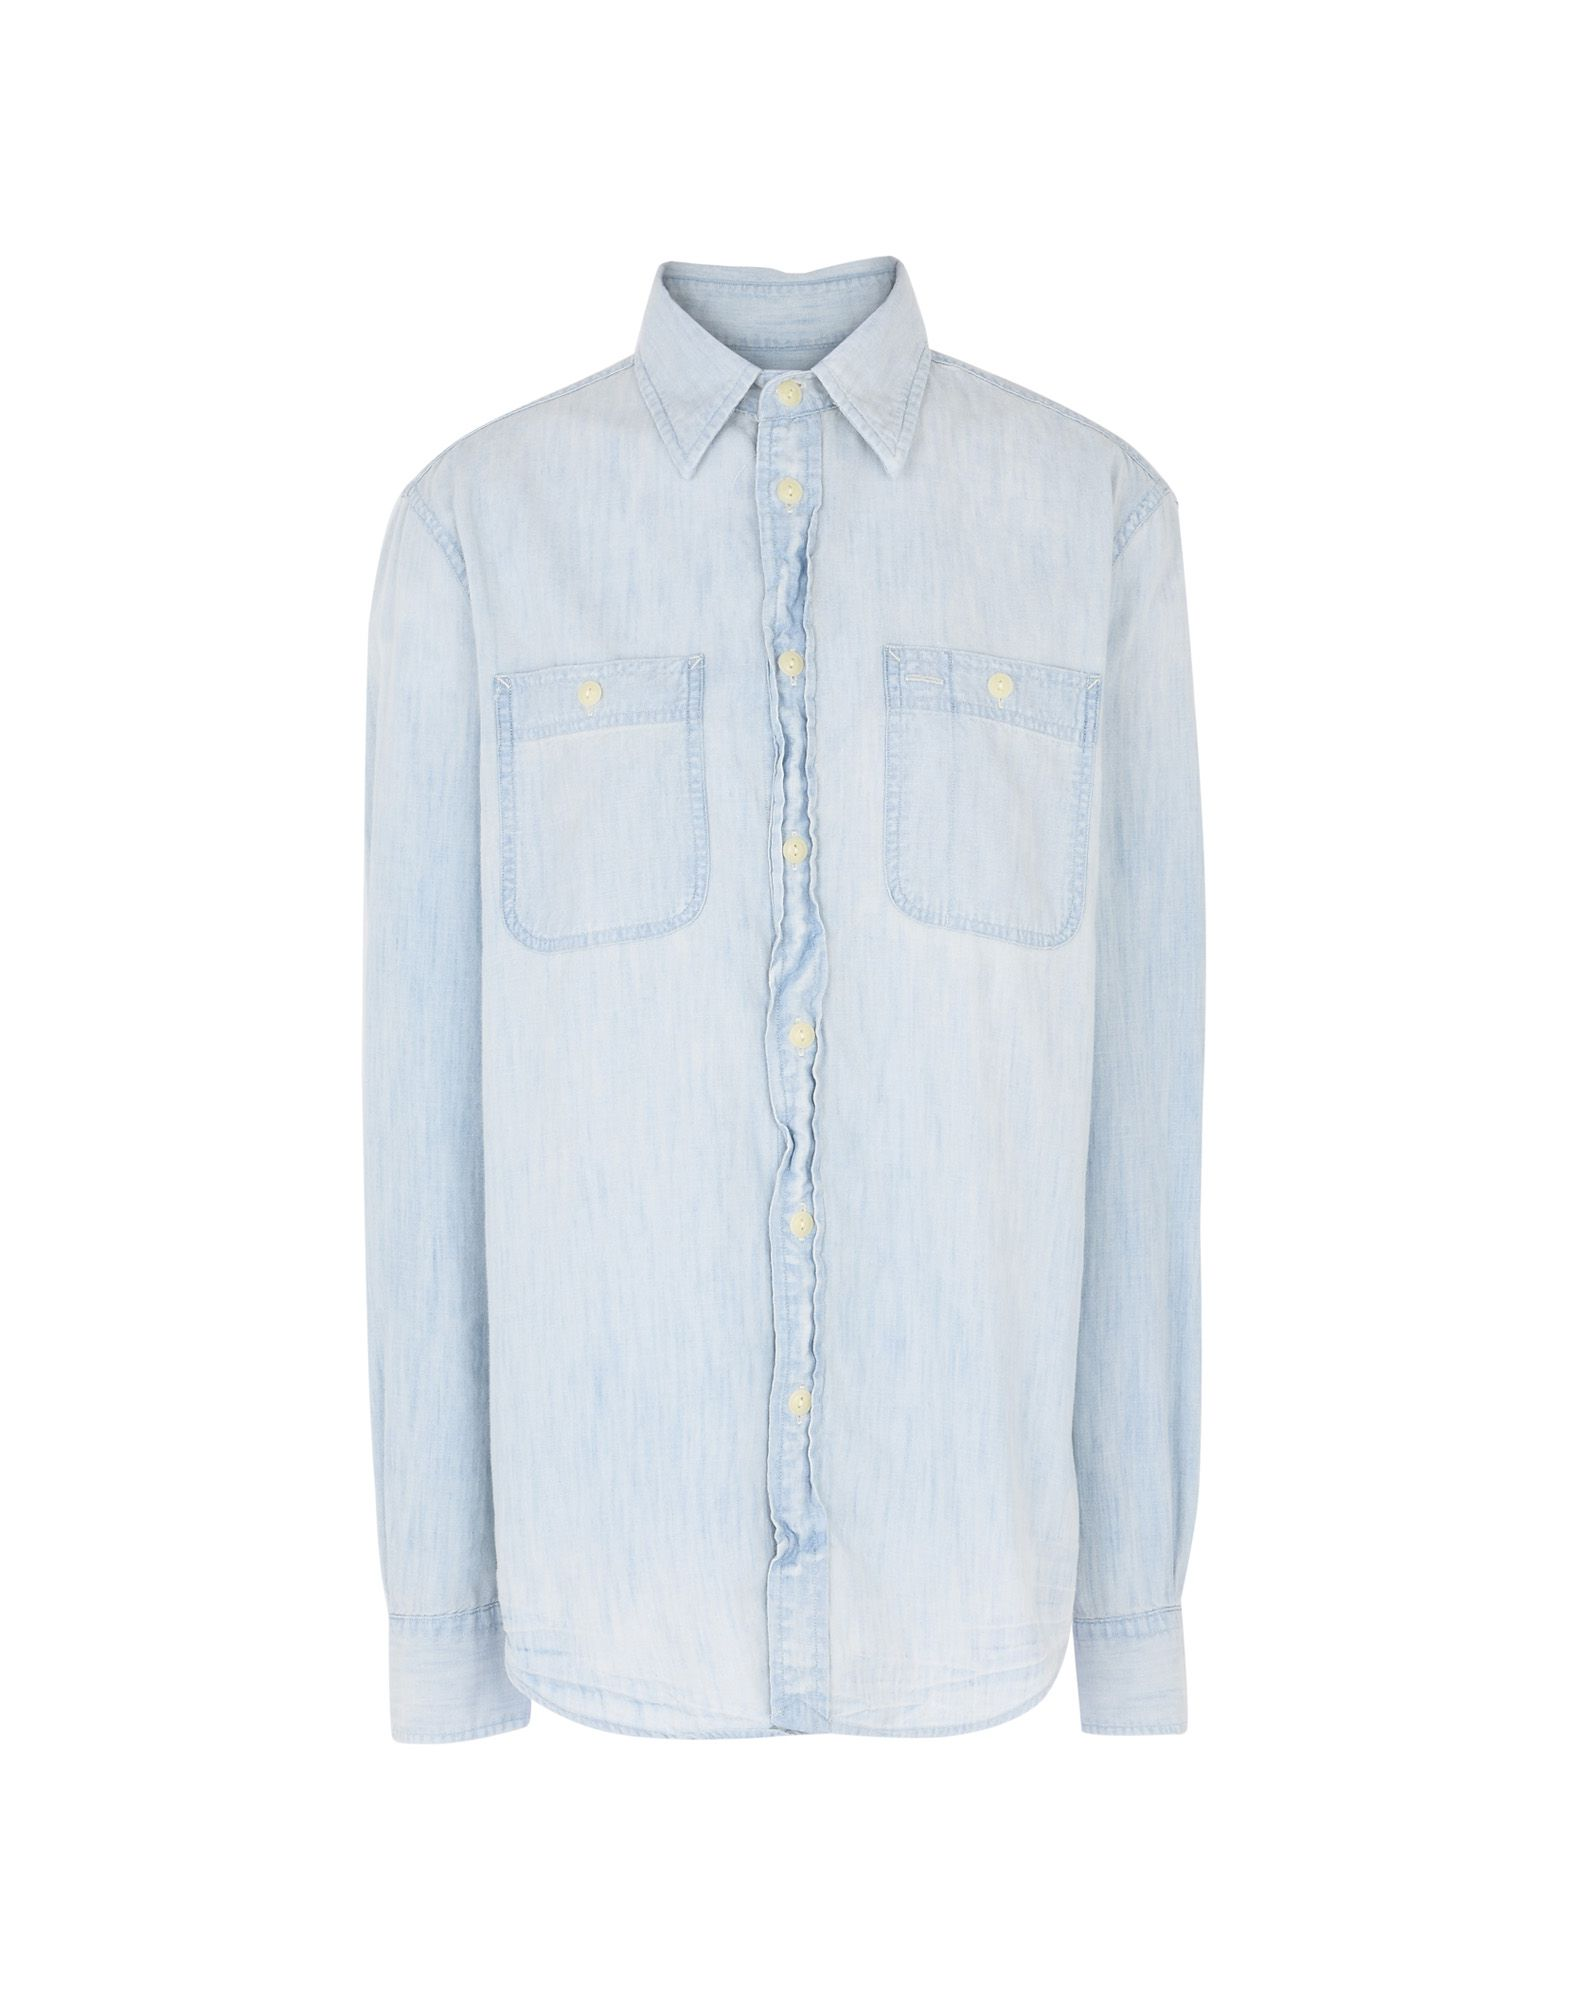 《送料無料》POLO RALPH LAUREN レディース デニムシャツ ブルー S コットン 100% Lightweight Chambray Shirt